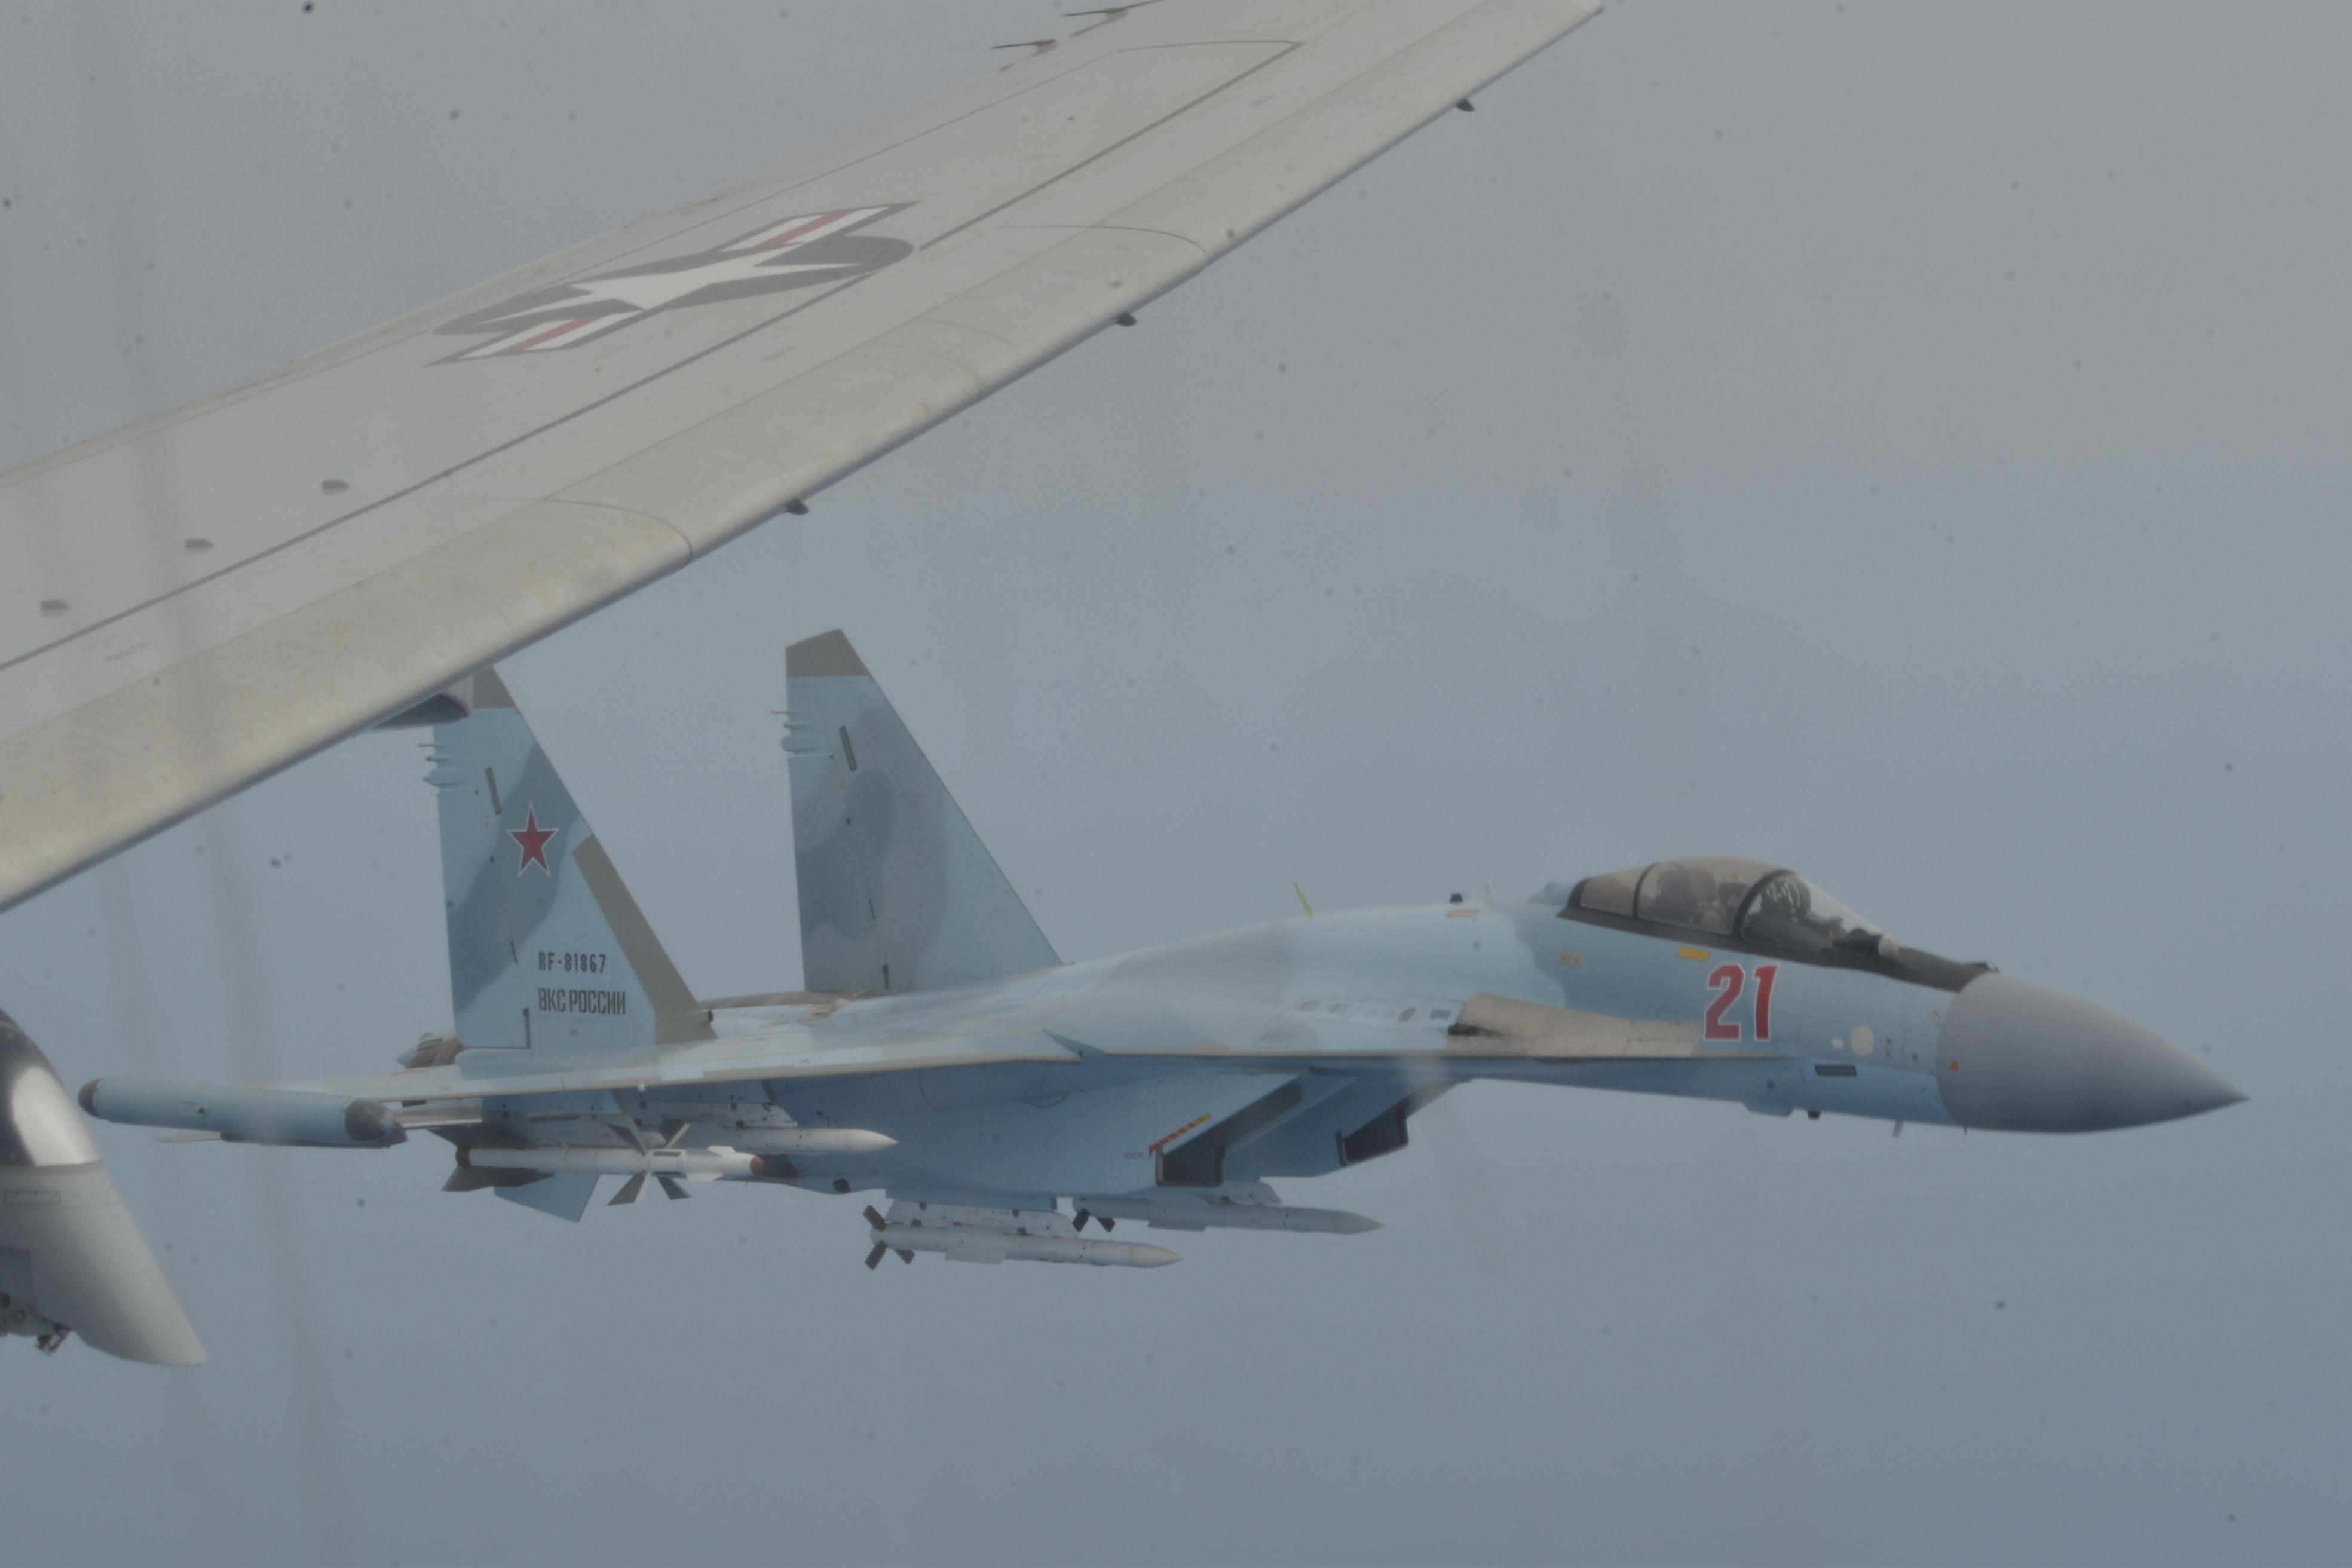 Watch Armed Russian Fighters Dangerously Buzz a U.S. Navy Patrol Jet